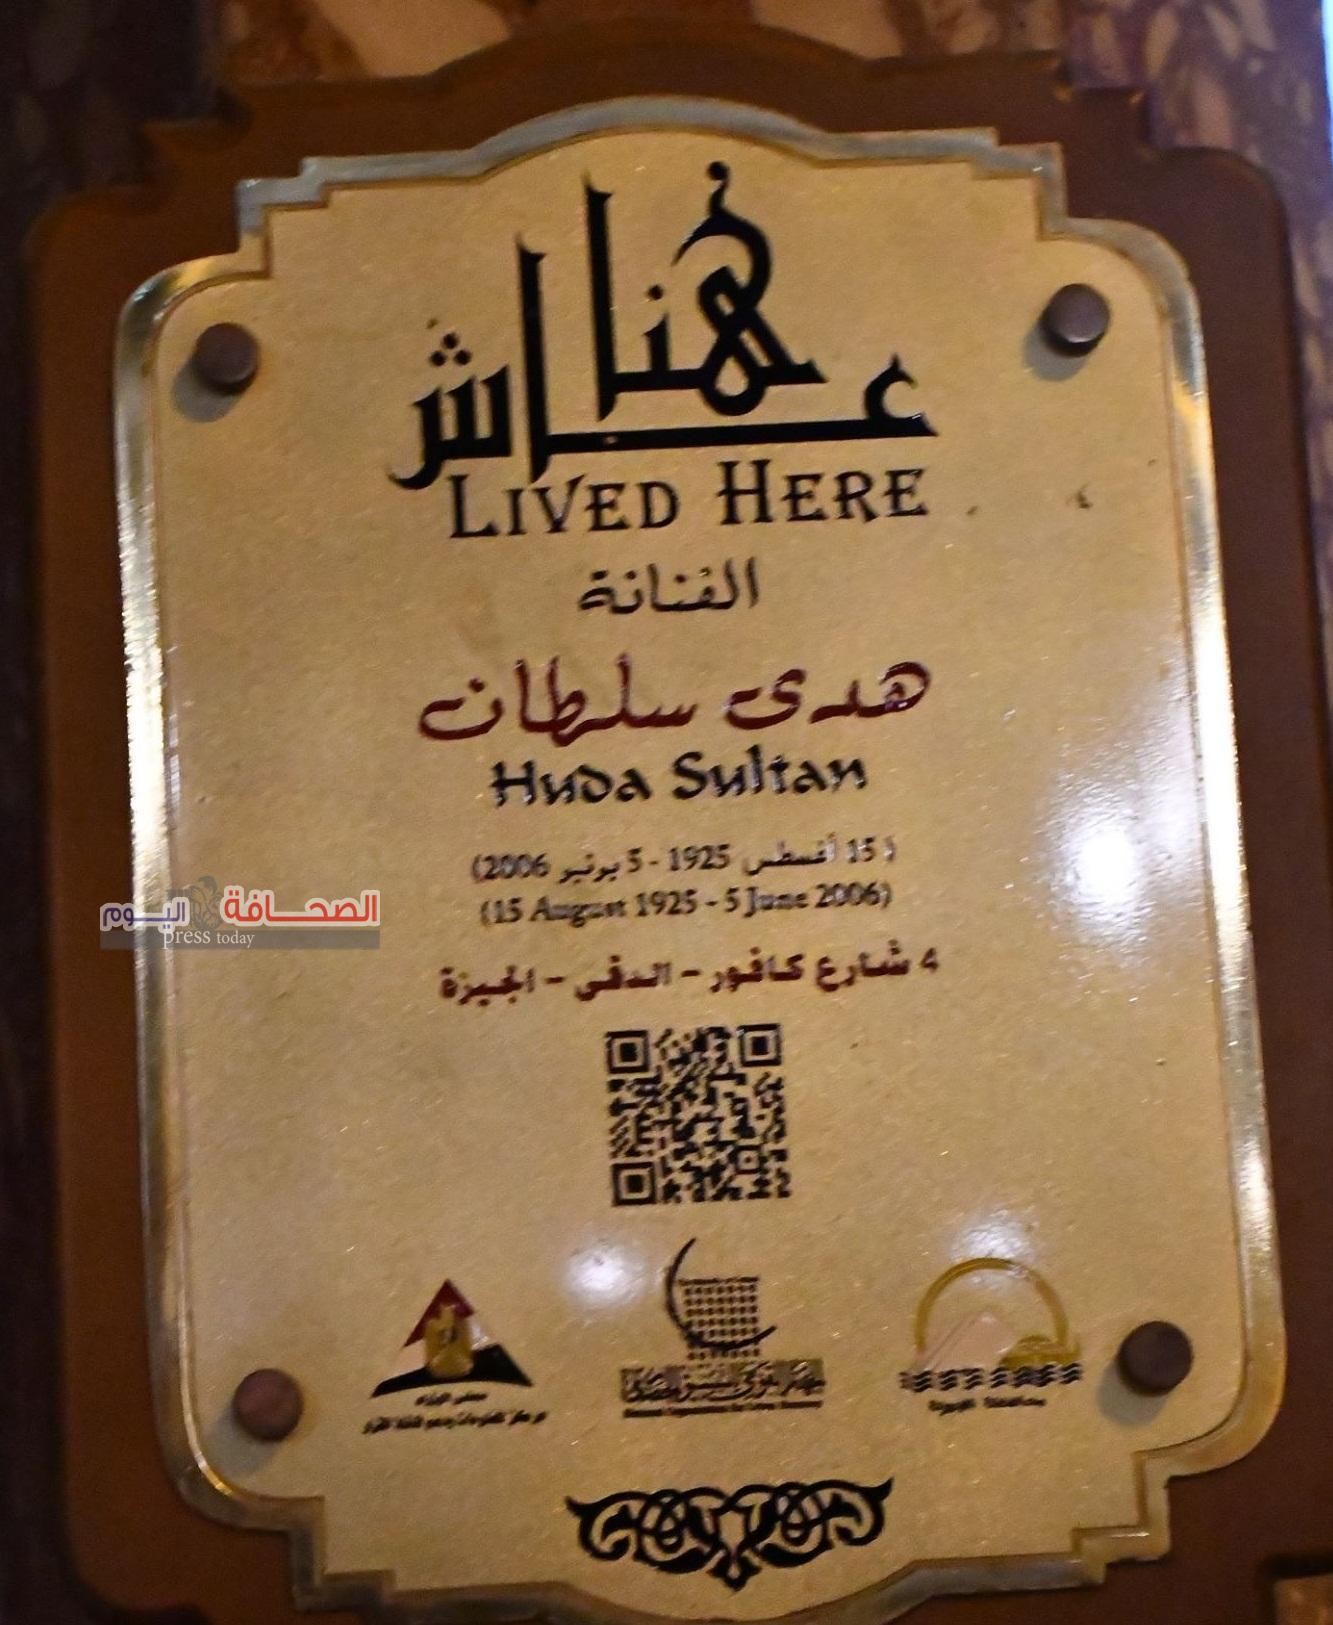 """بالصور .. لوحة تذكارية بعنوان هنا عاش """" الفنانة هدى سلطان"""""""